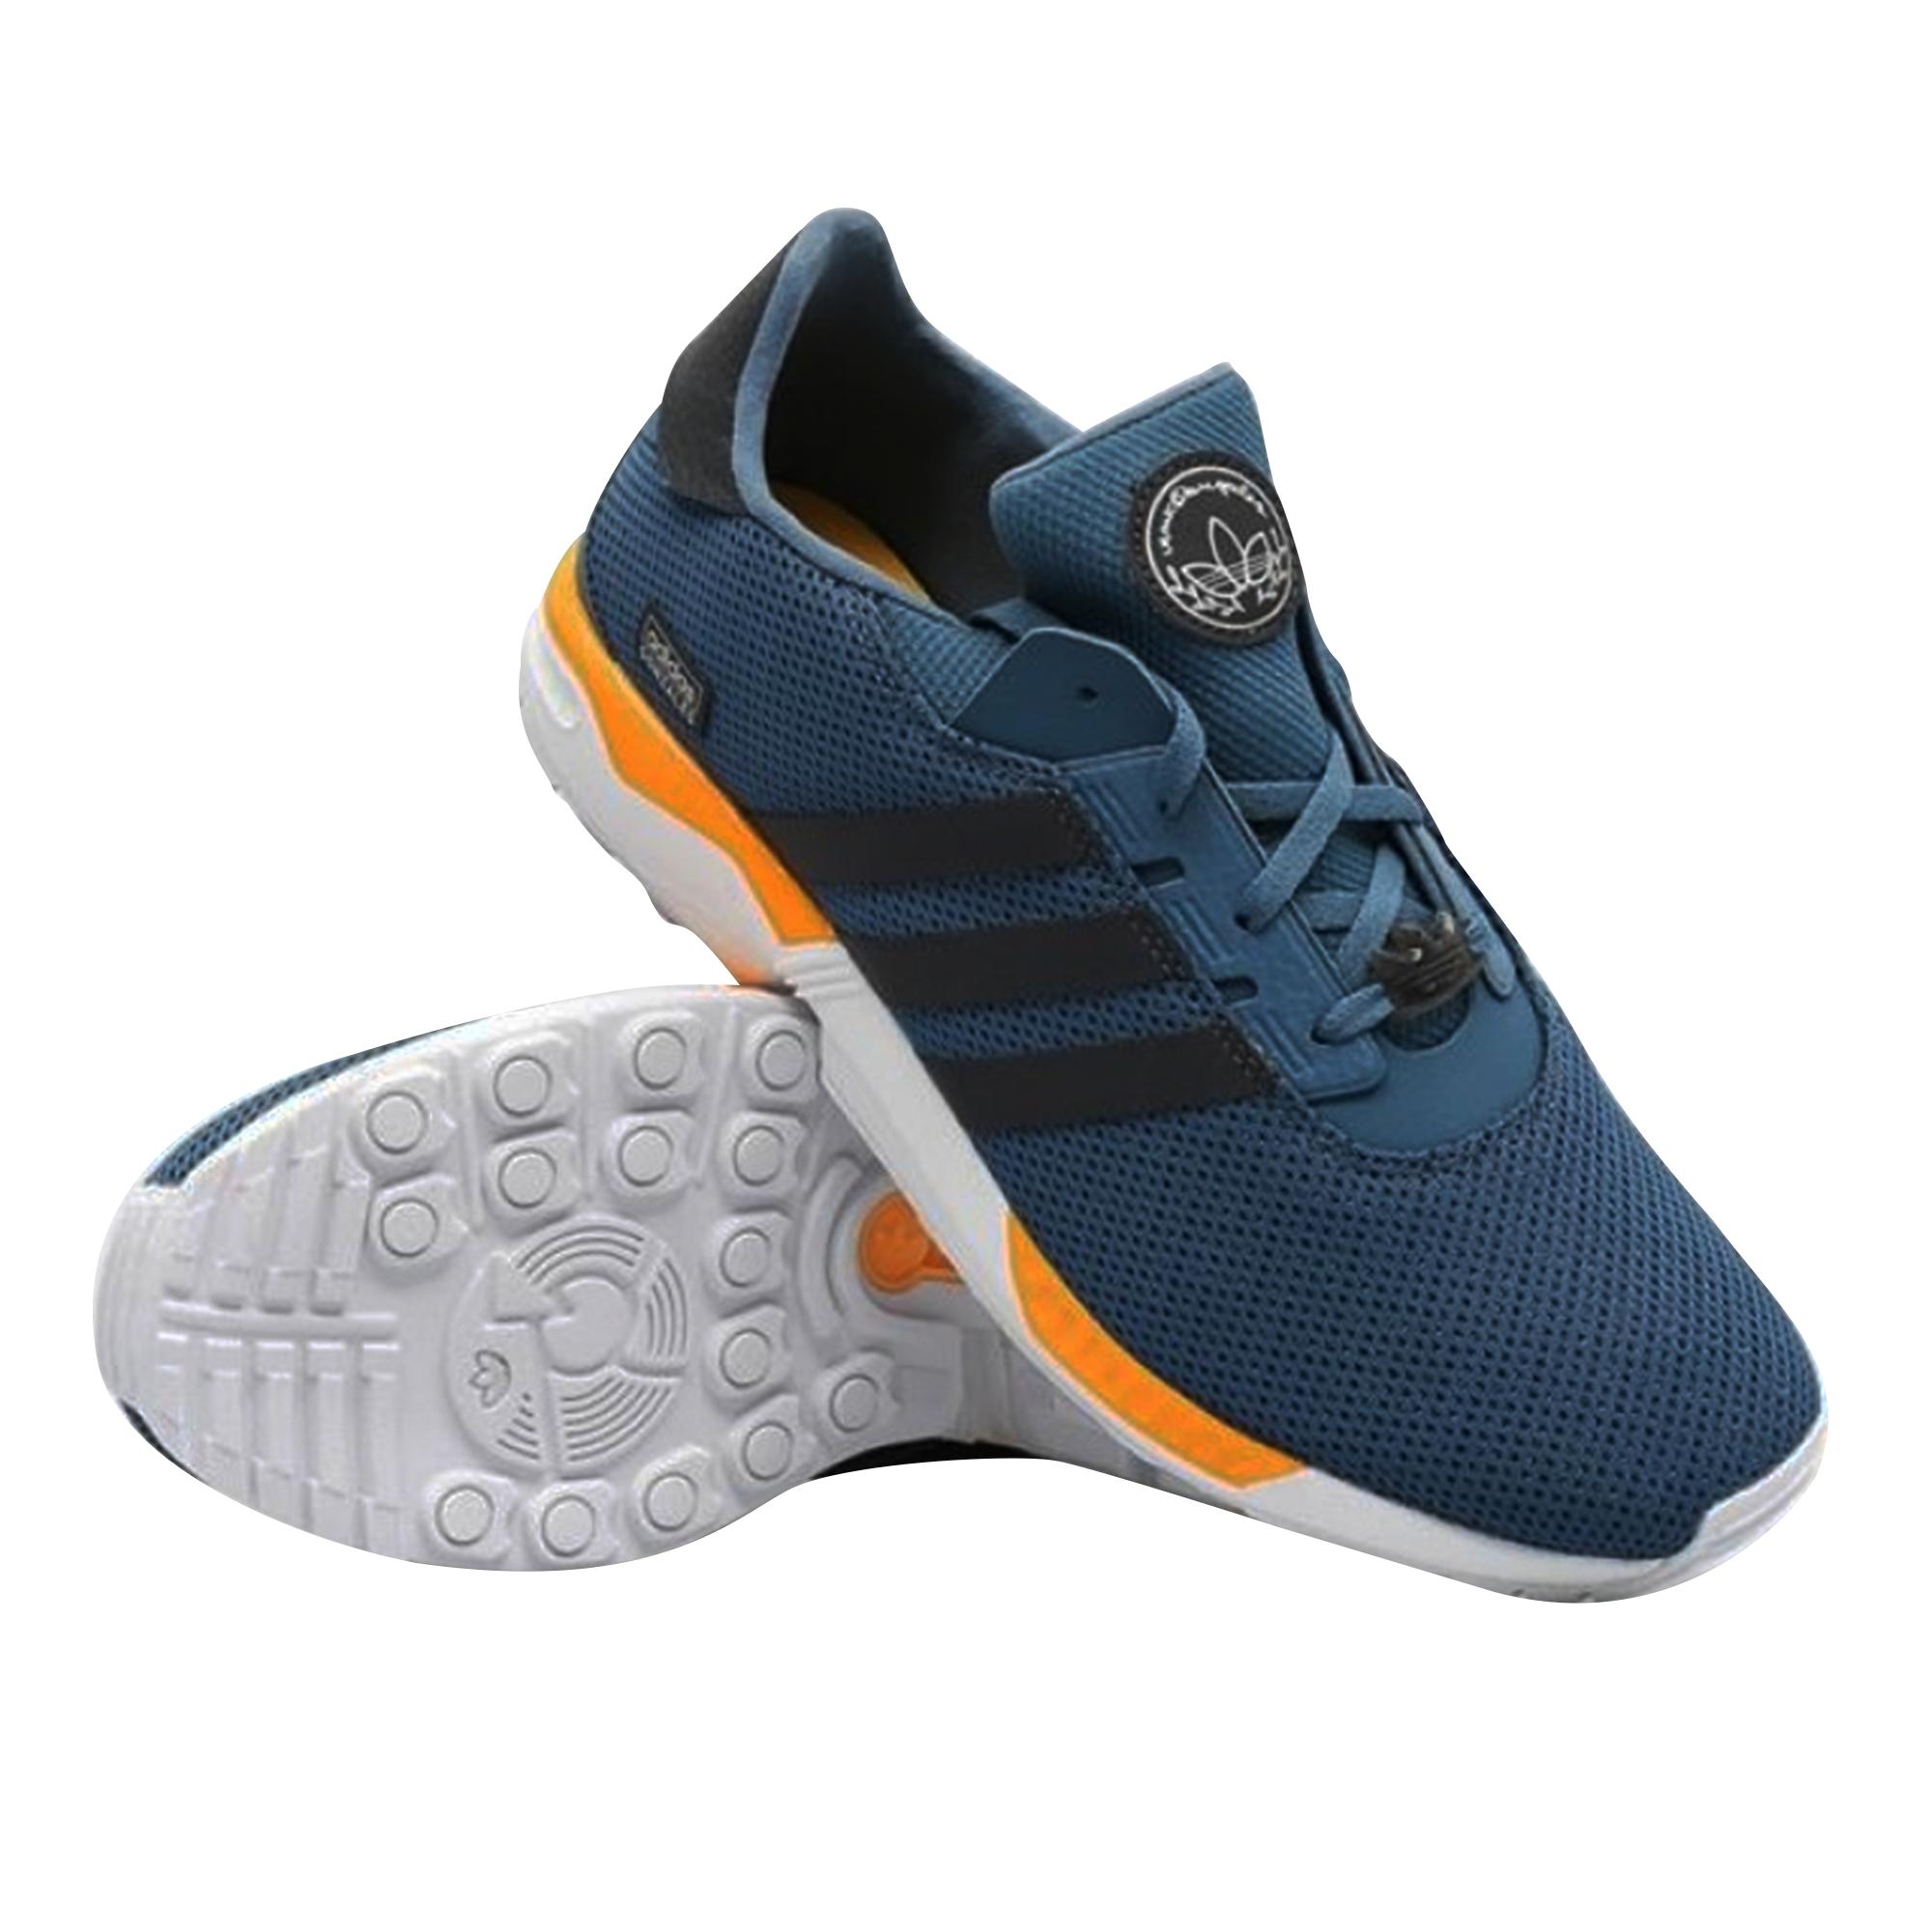 d5f7c60ae adidas Zx Gonz SS16 Erkek Spor Ayakkabı  F37506 - Barcin.com